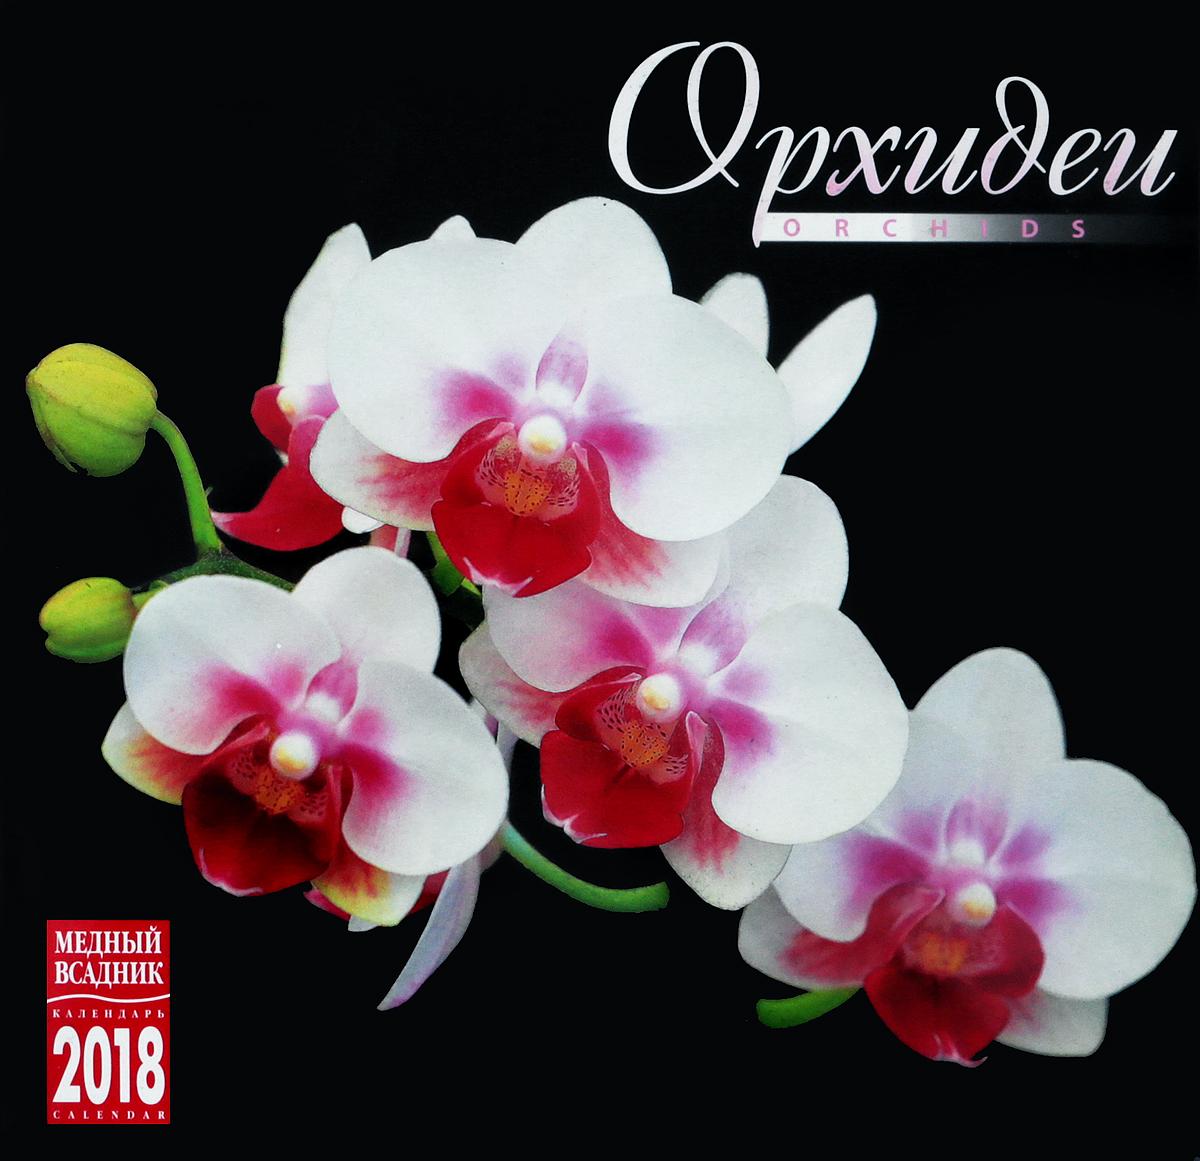 Орхидеи. Календарь на скрепке на 2018 год календарь 2018 на скрепке золотое кольцо